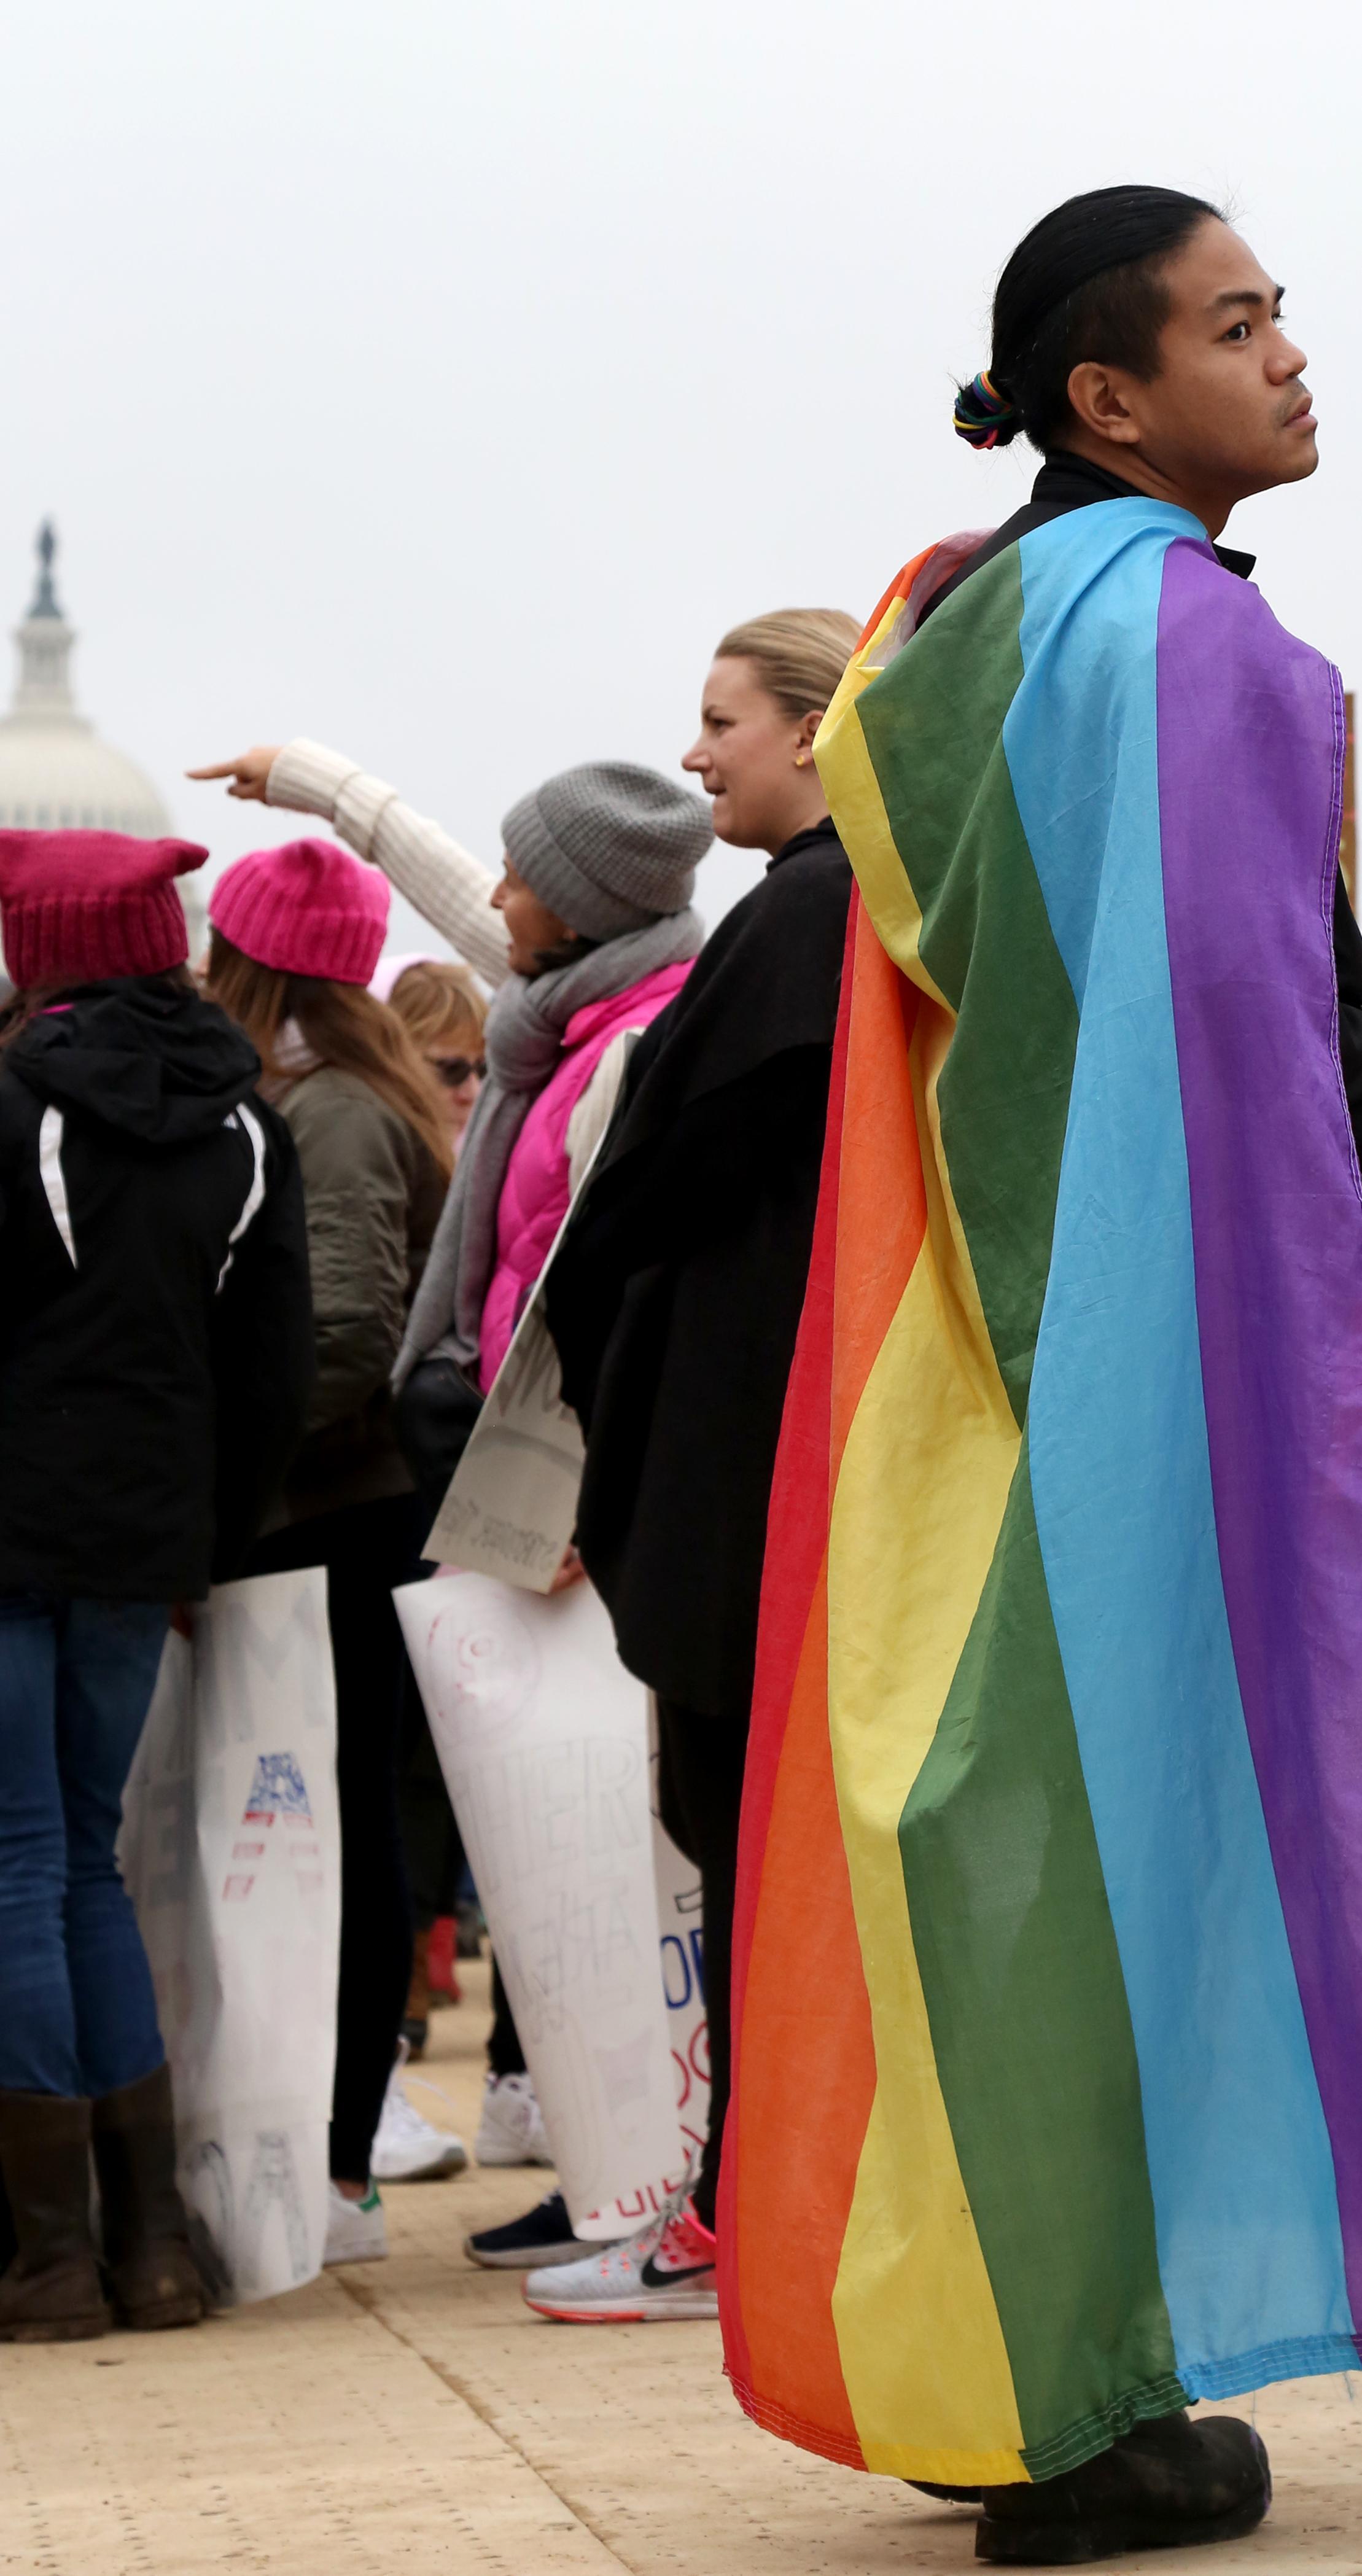 15_womensmarch_caitlinfaw_rainbowcapitol1.jpg